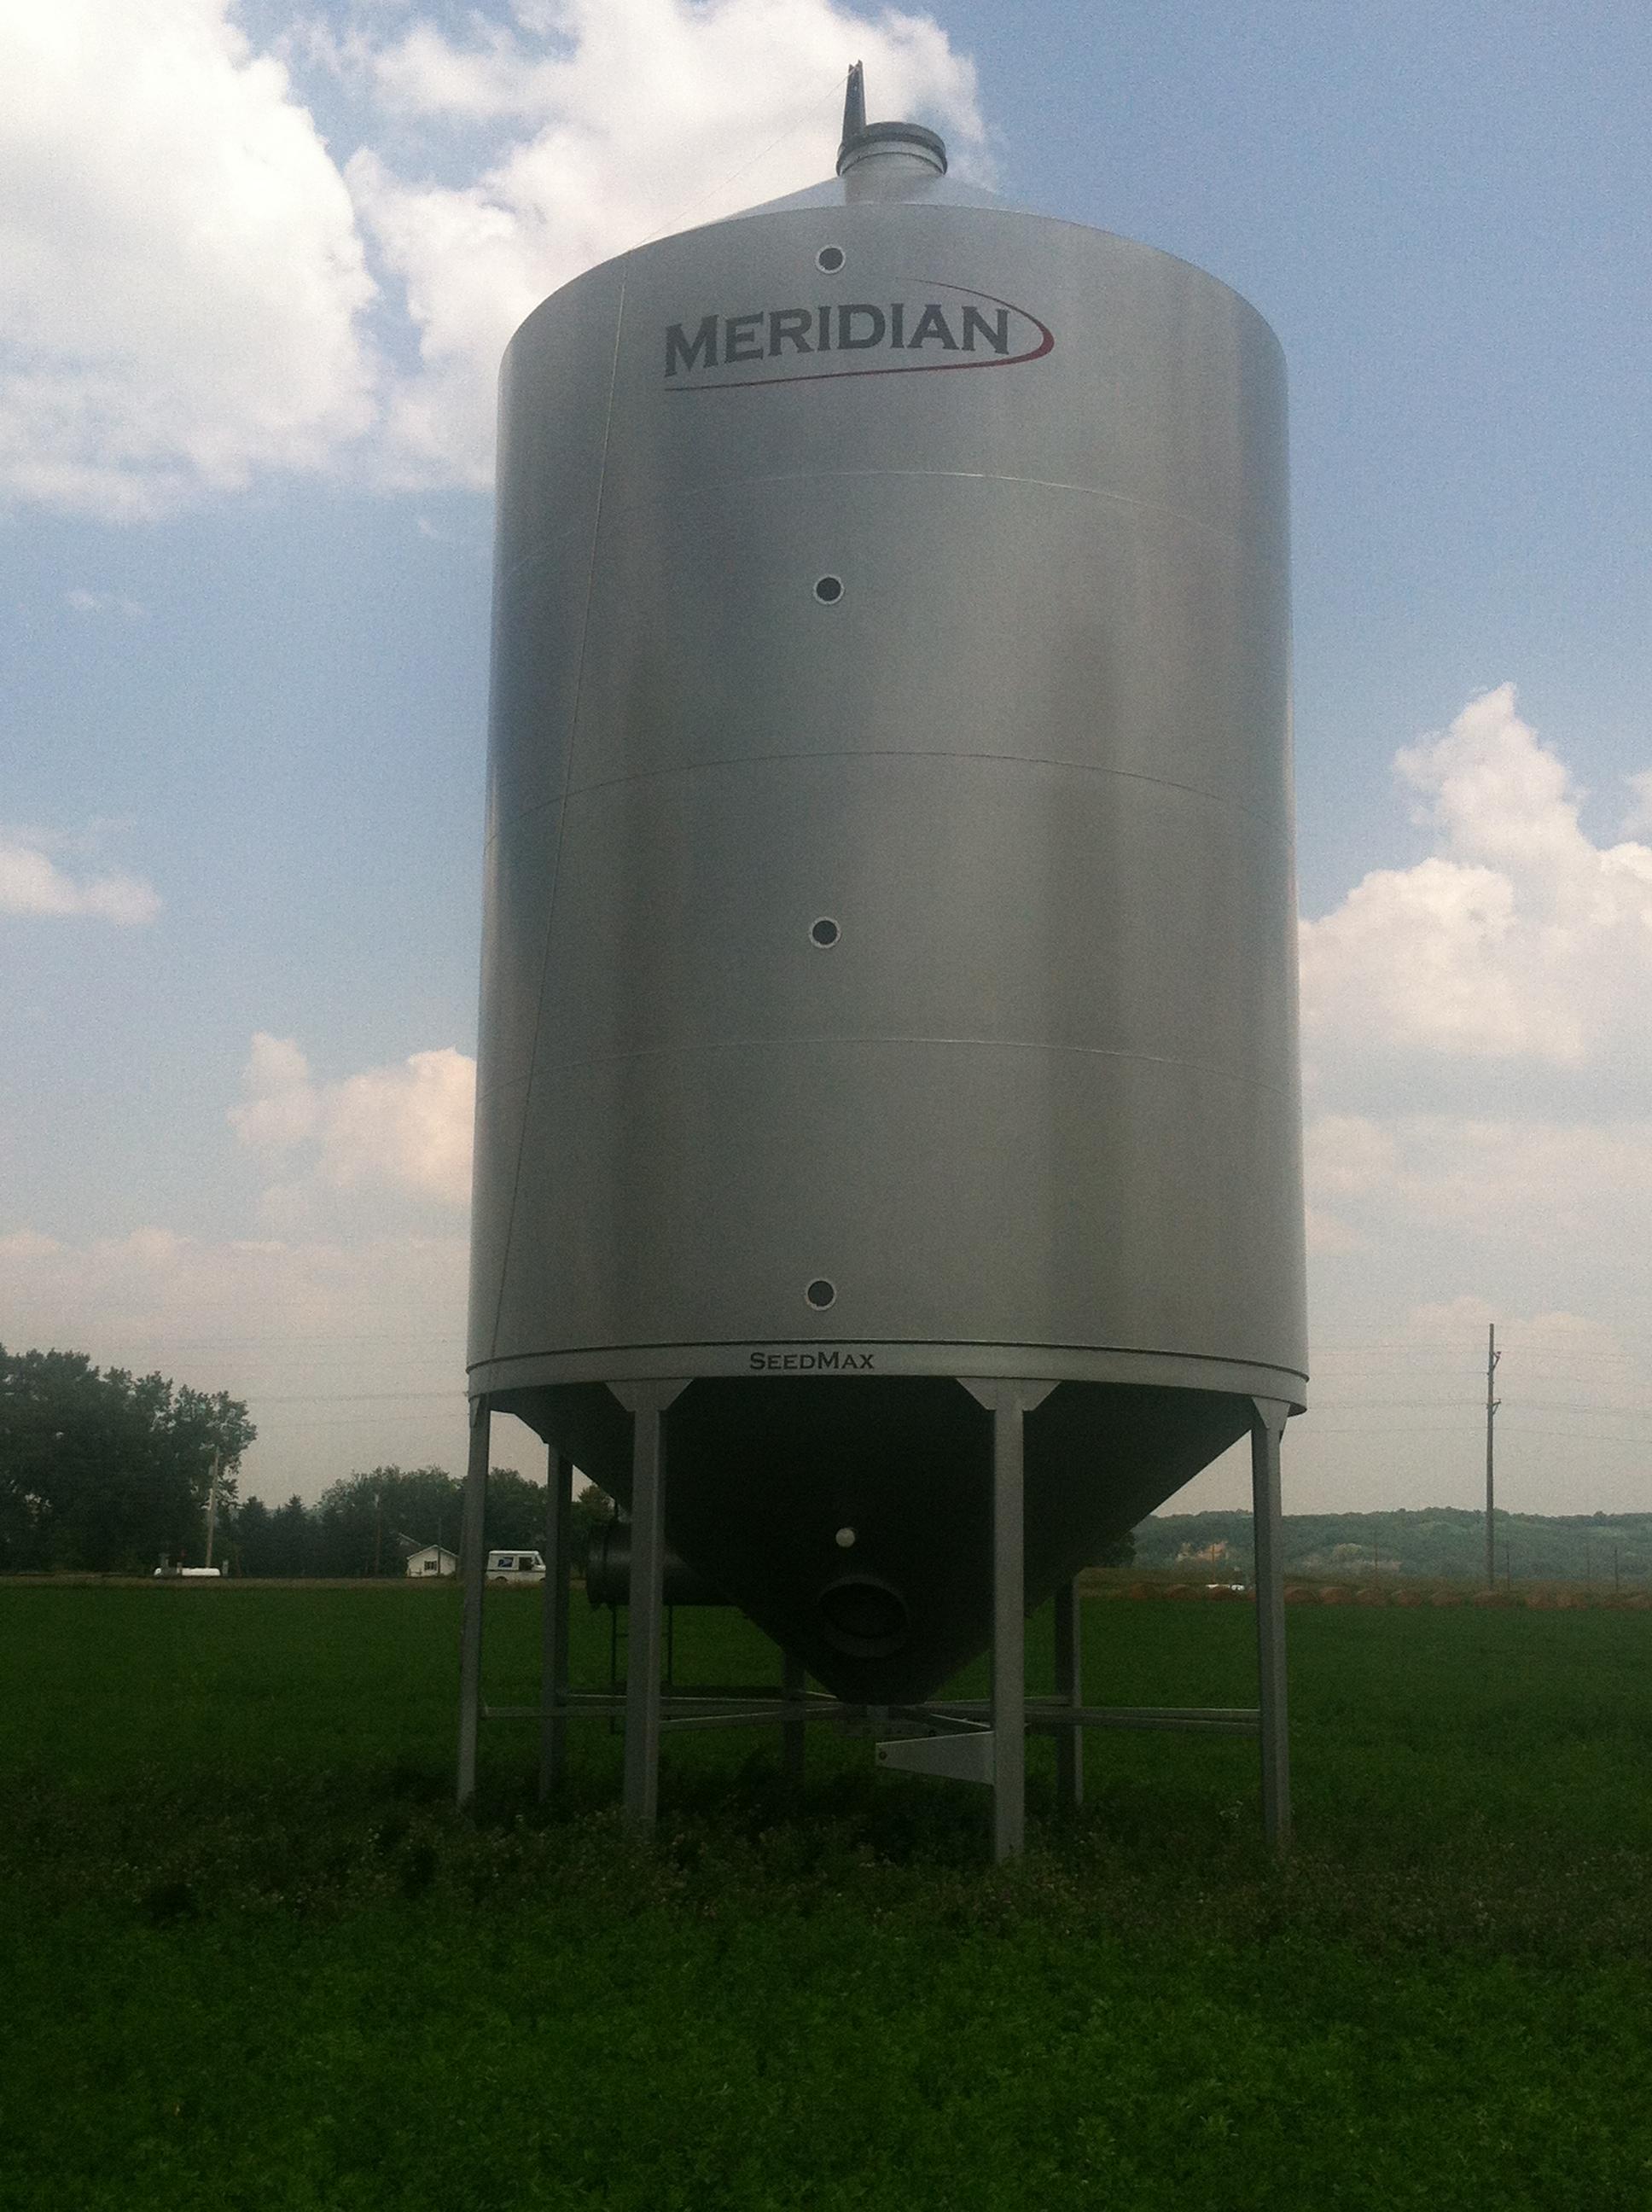 2013-0701-Meridian-Silver-bin